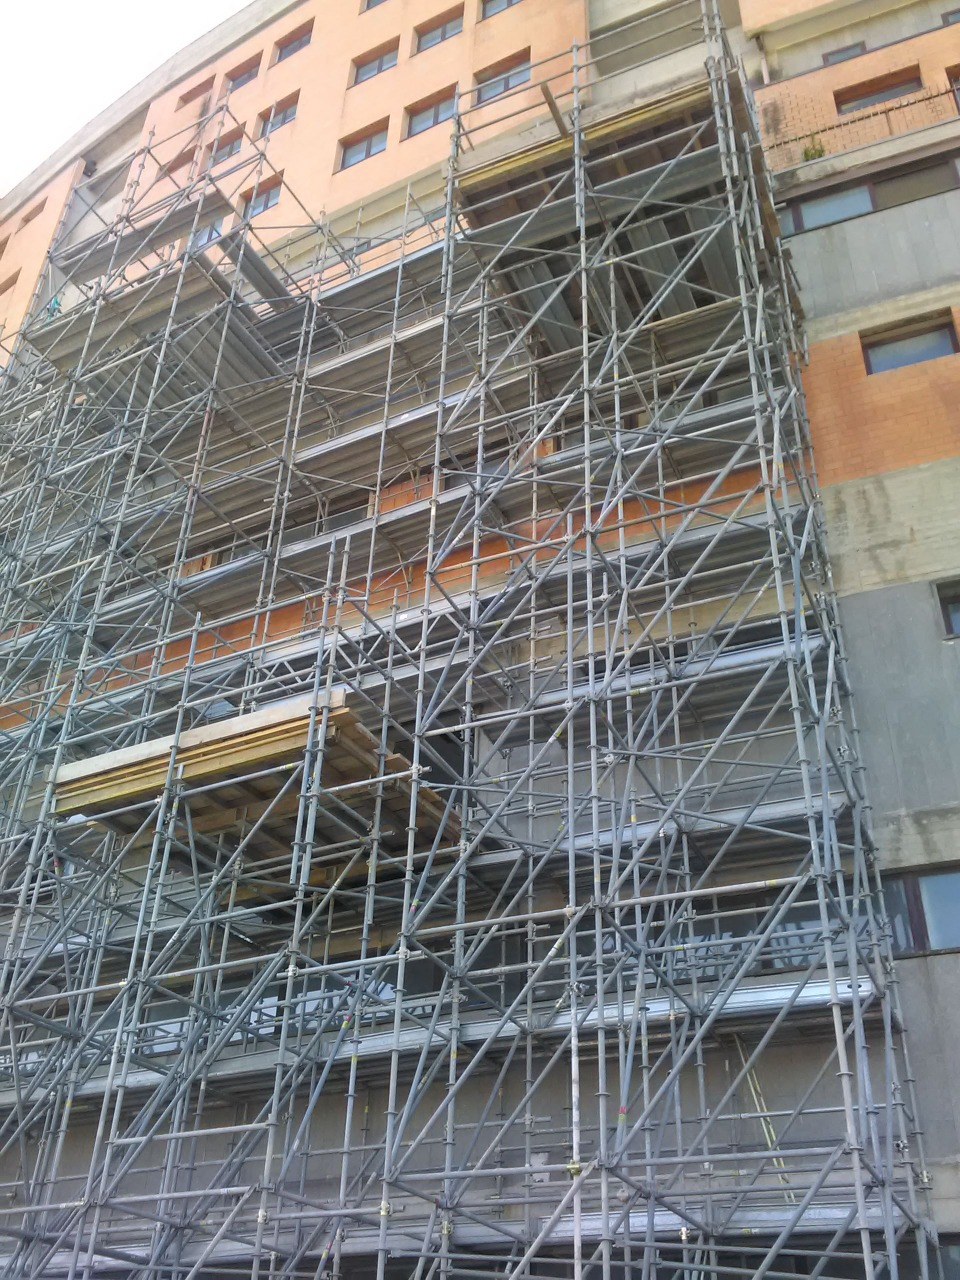 Gallery foto n.1 Вышки Multiceta - Усиление здания больницы